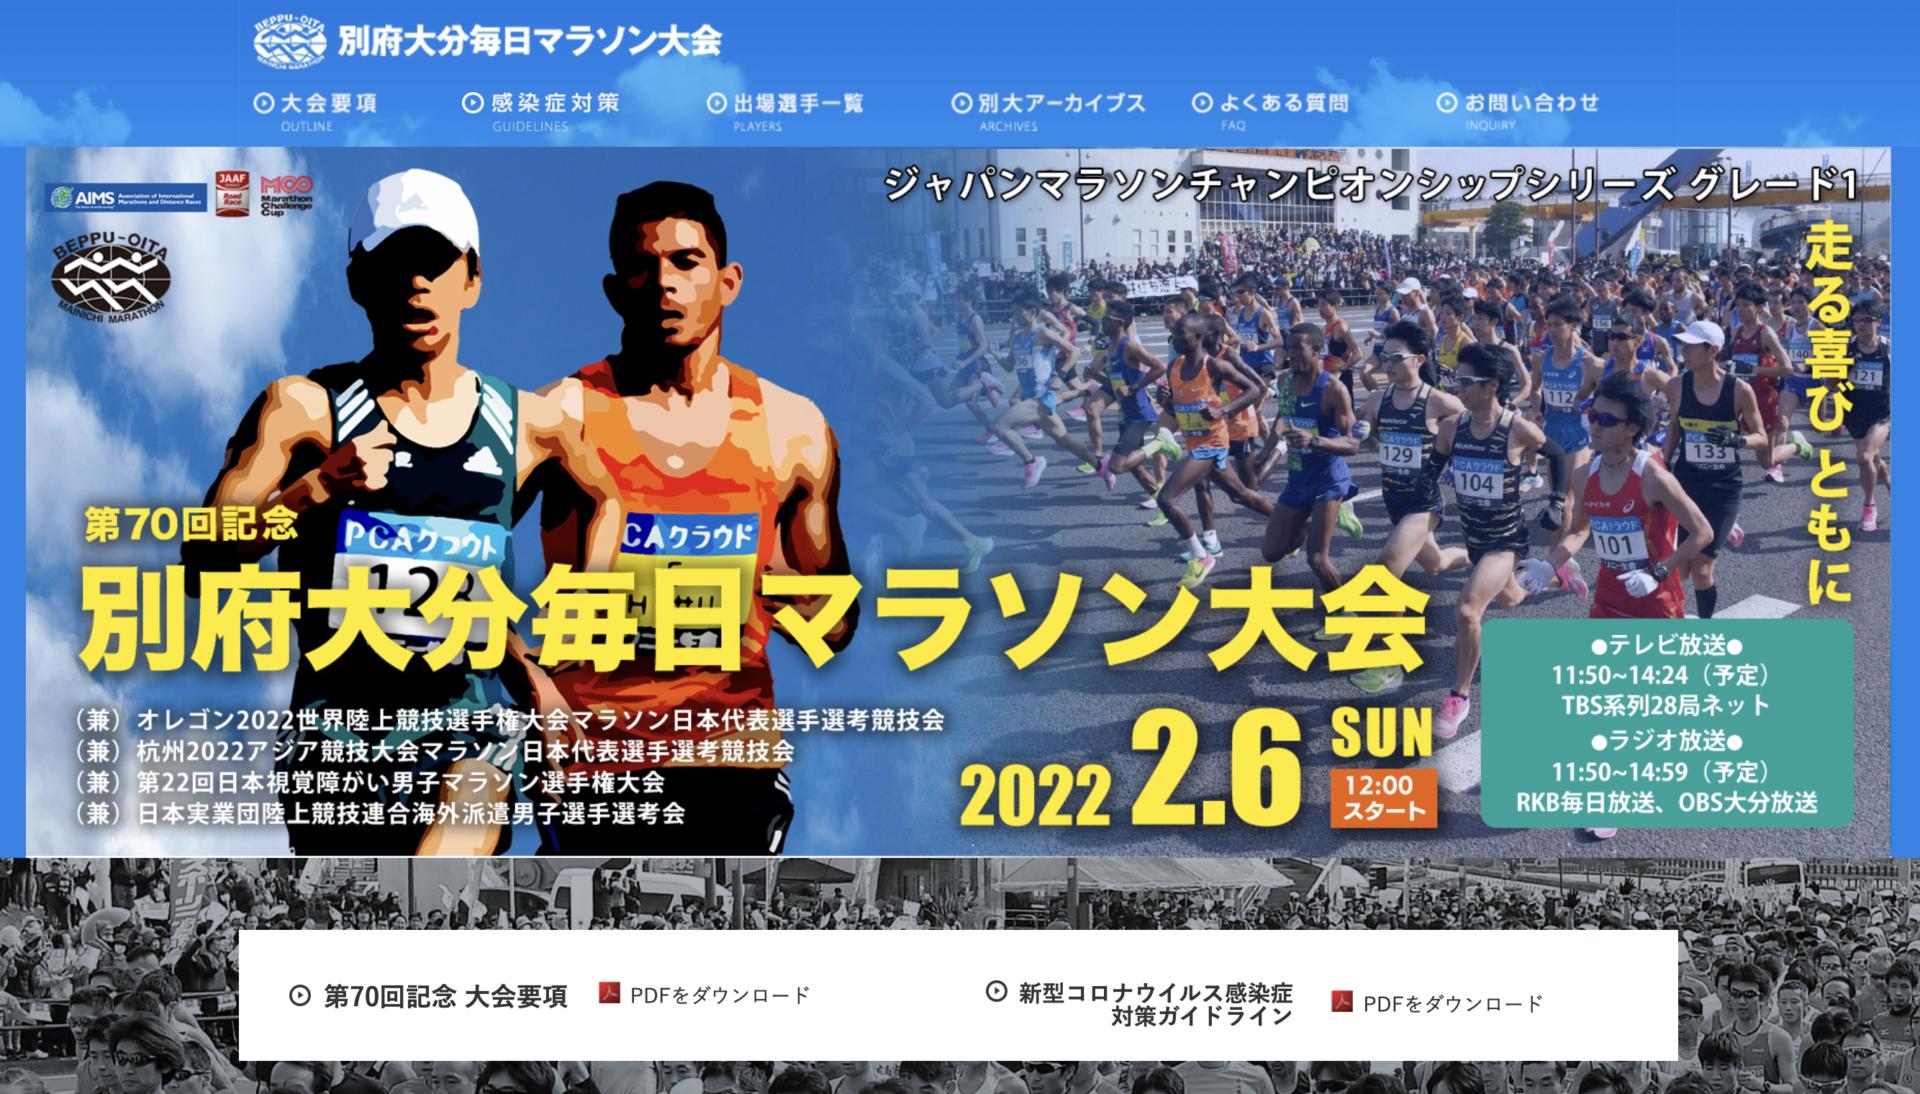 富山マラソンの仇を討つべく(?)別府大分マラソンにエントリー